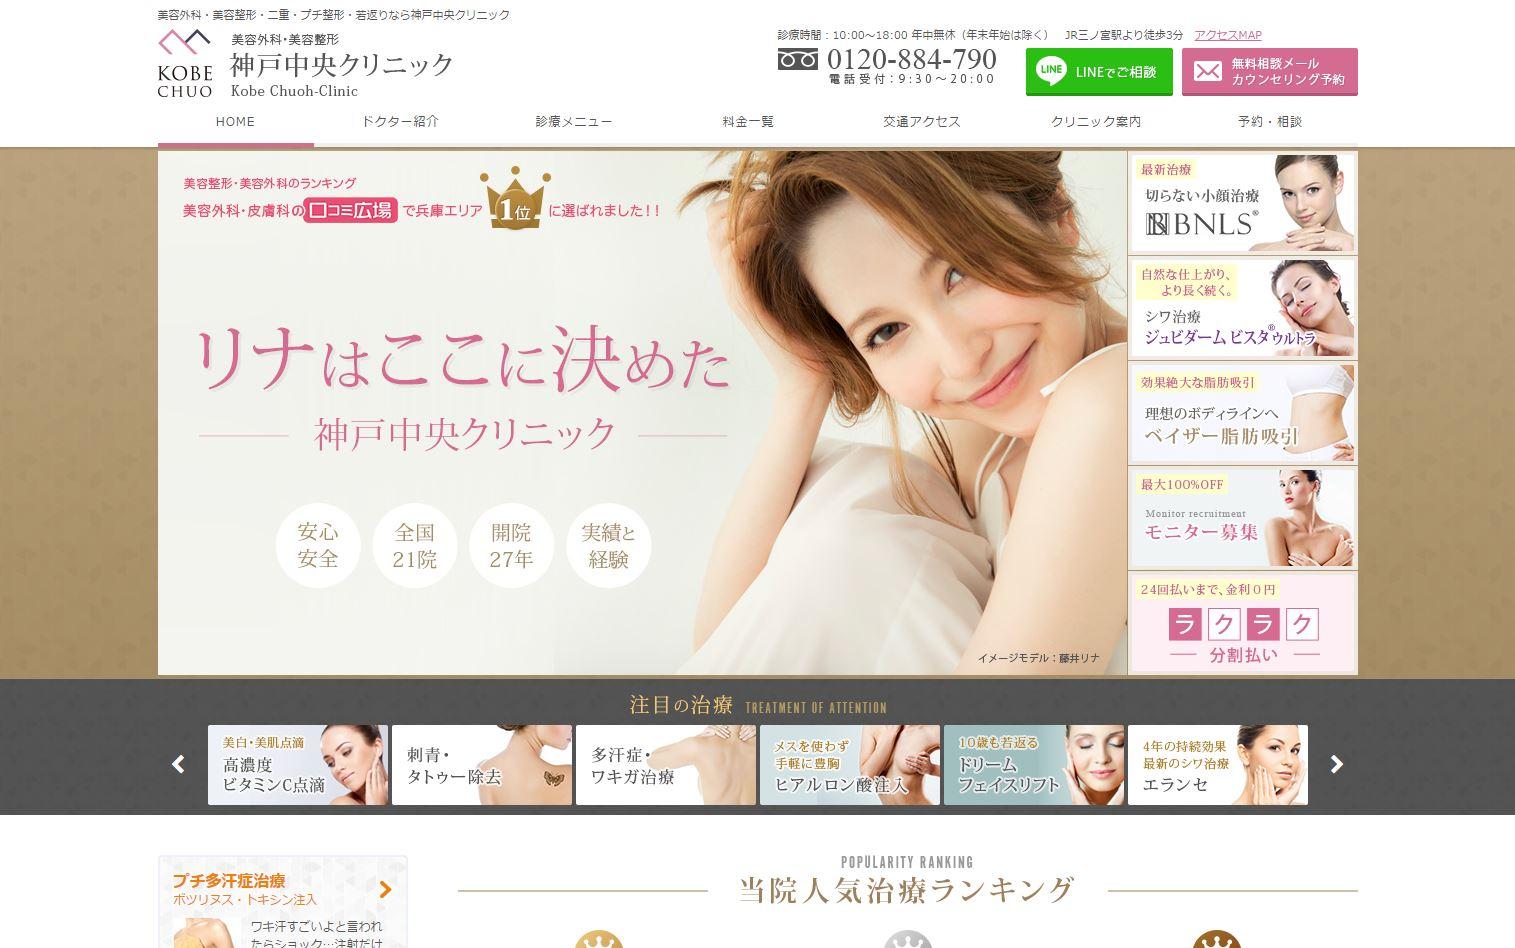 神戸中央クリニック美容外科キャプチャ画像